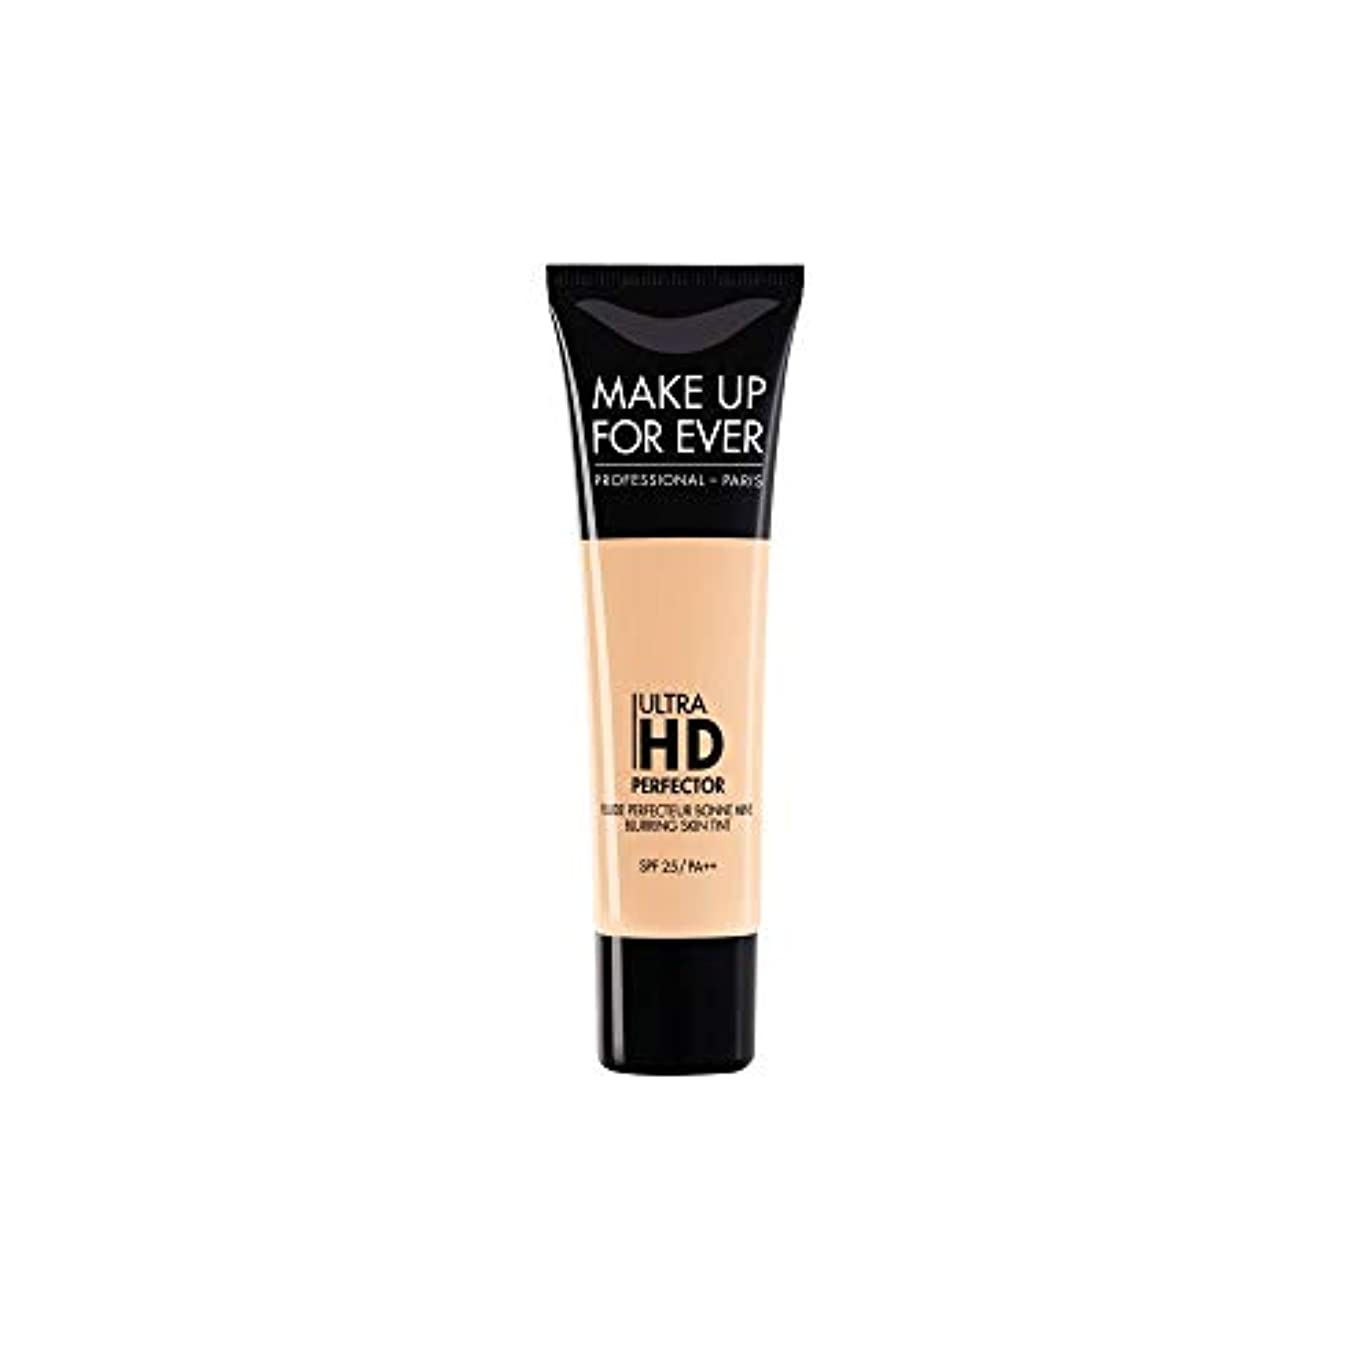 滝和解するペインギリックメイクアップフォーエバー Ultra HD Perfector Blurring Skin Tint SPF25 - # 02 Pink Sand 30ml/1.01oz並行輸入品